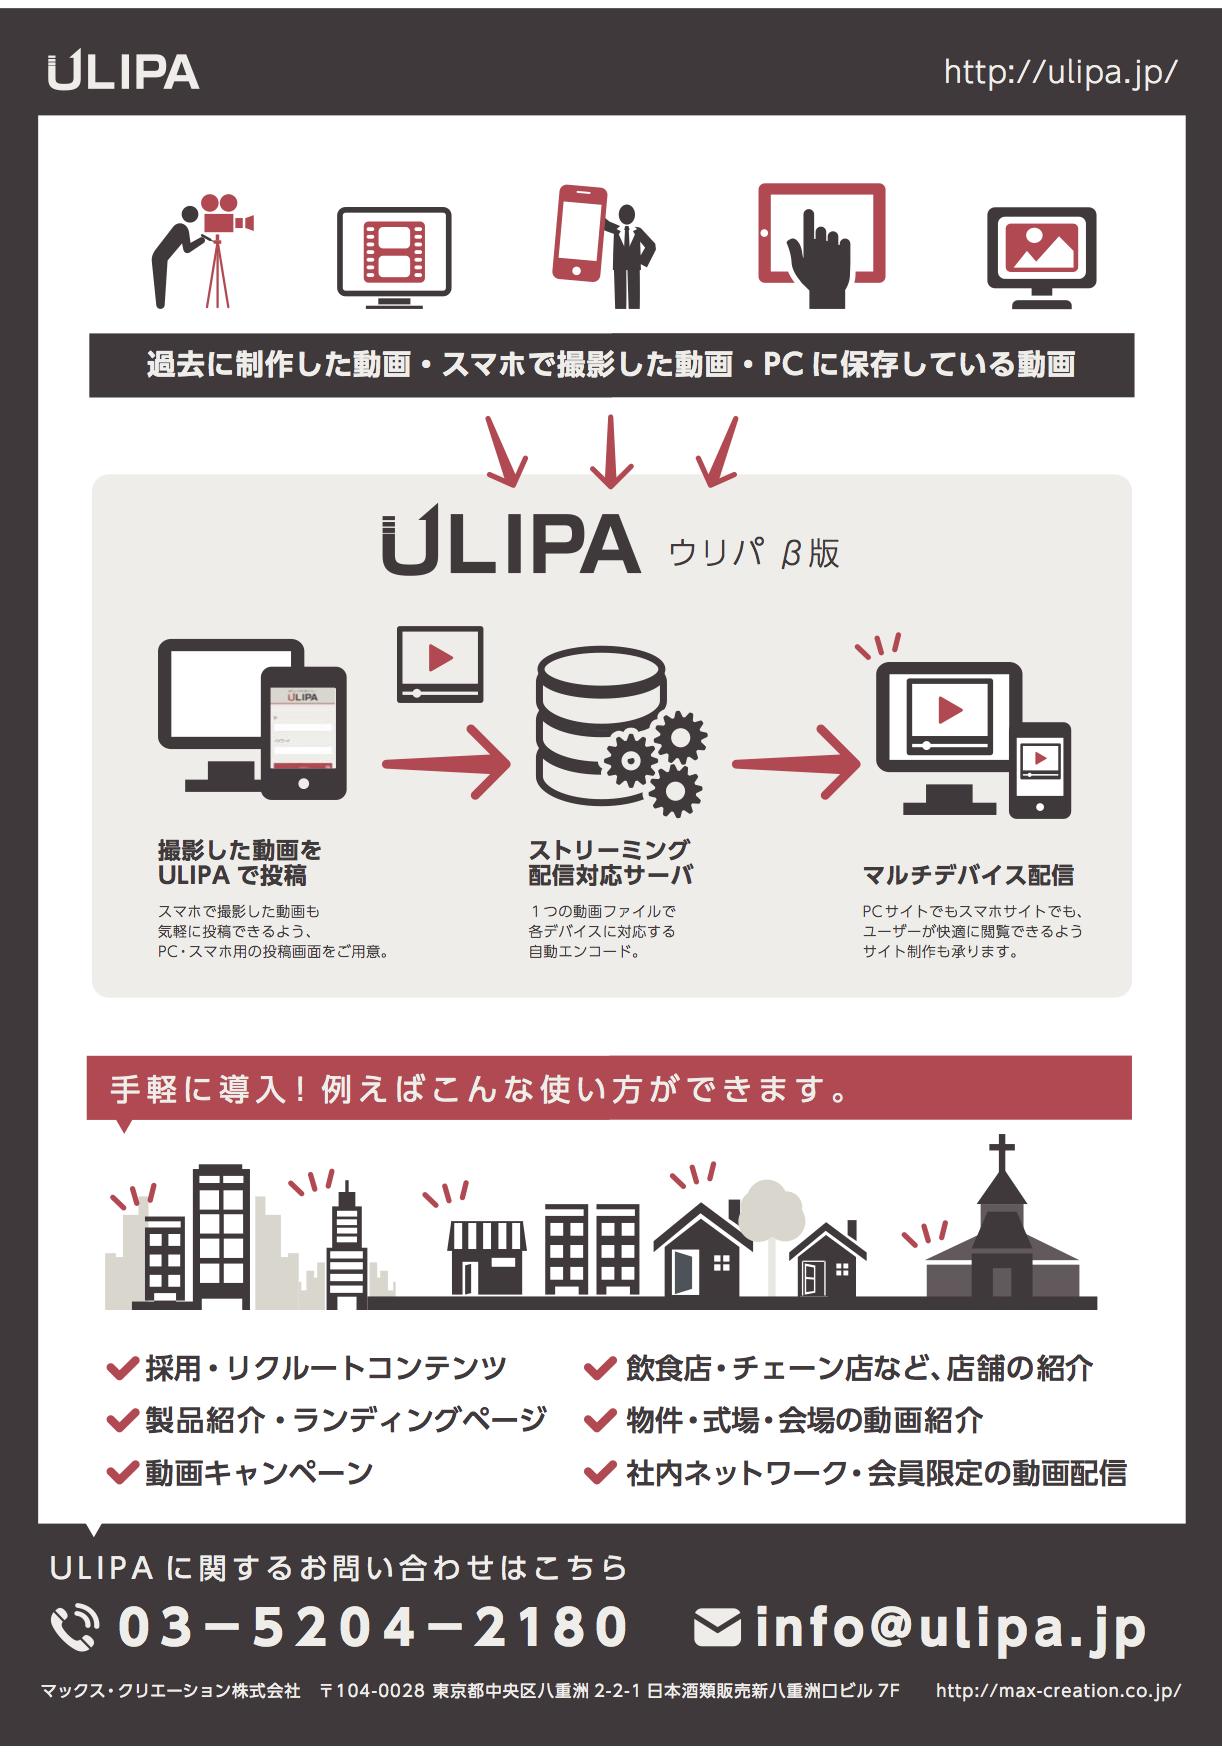 ulipa2